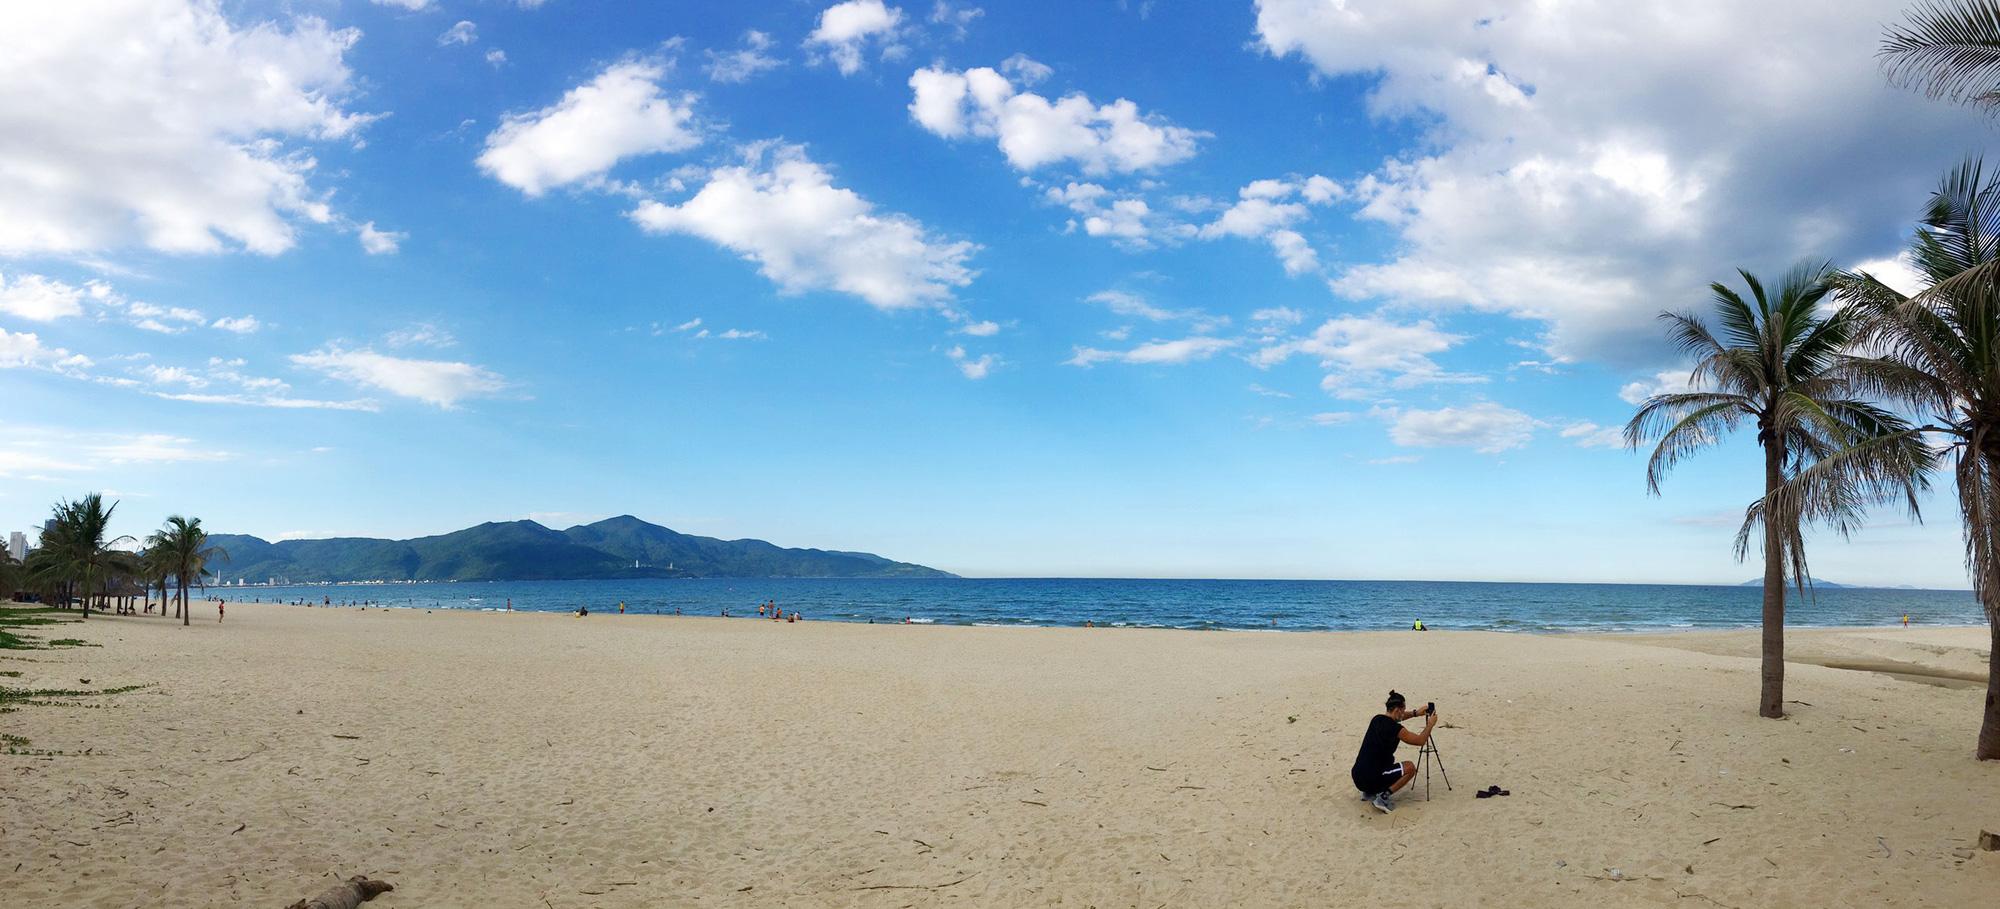 Cận cảnh hai khu đất sát bãi biển Mỹ Khê đẹp nhất Đà Nẵng sẽ đấu giá làm bãi đỗ xe - Ảnh 10.